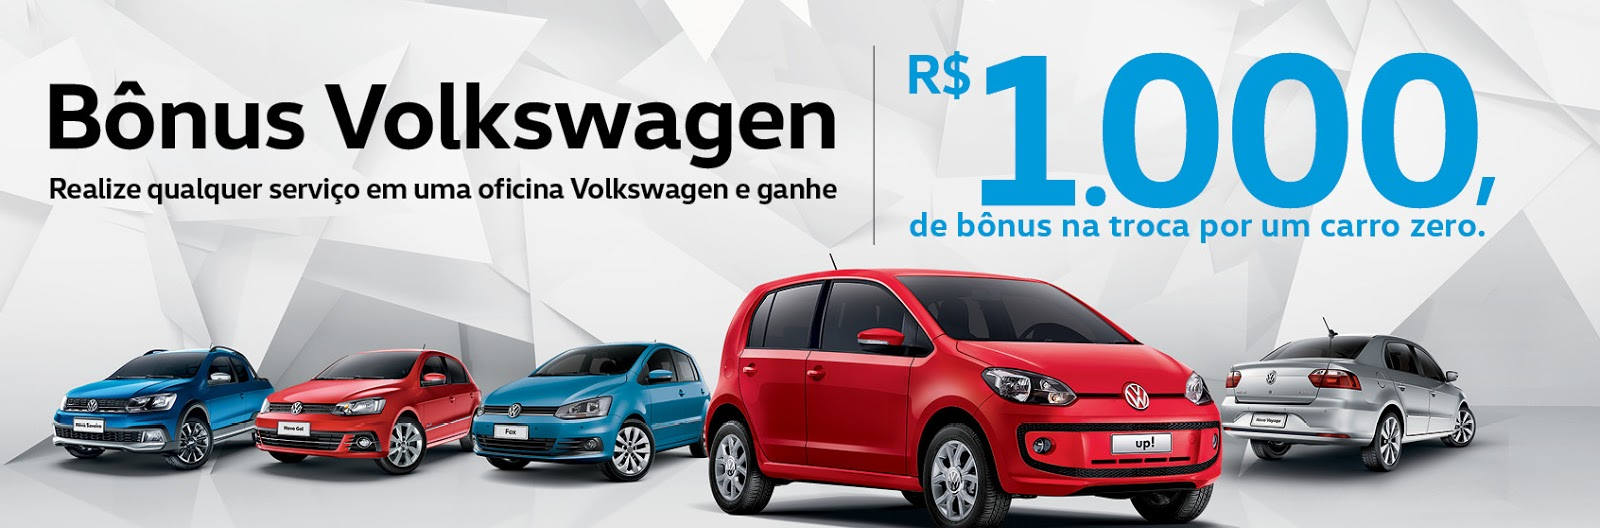 Aproveite! Revisão na Volkswagen gera R$ 1.000,00 de bônus na troca por um carro zero